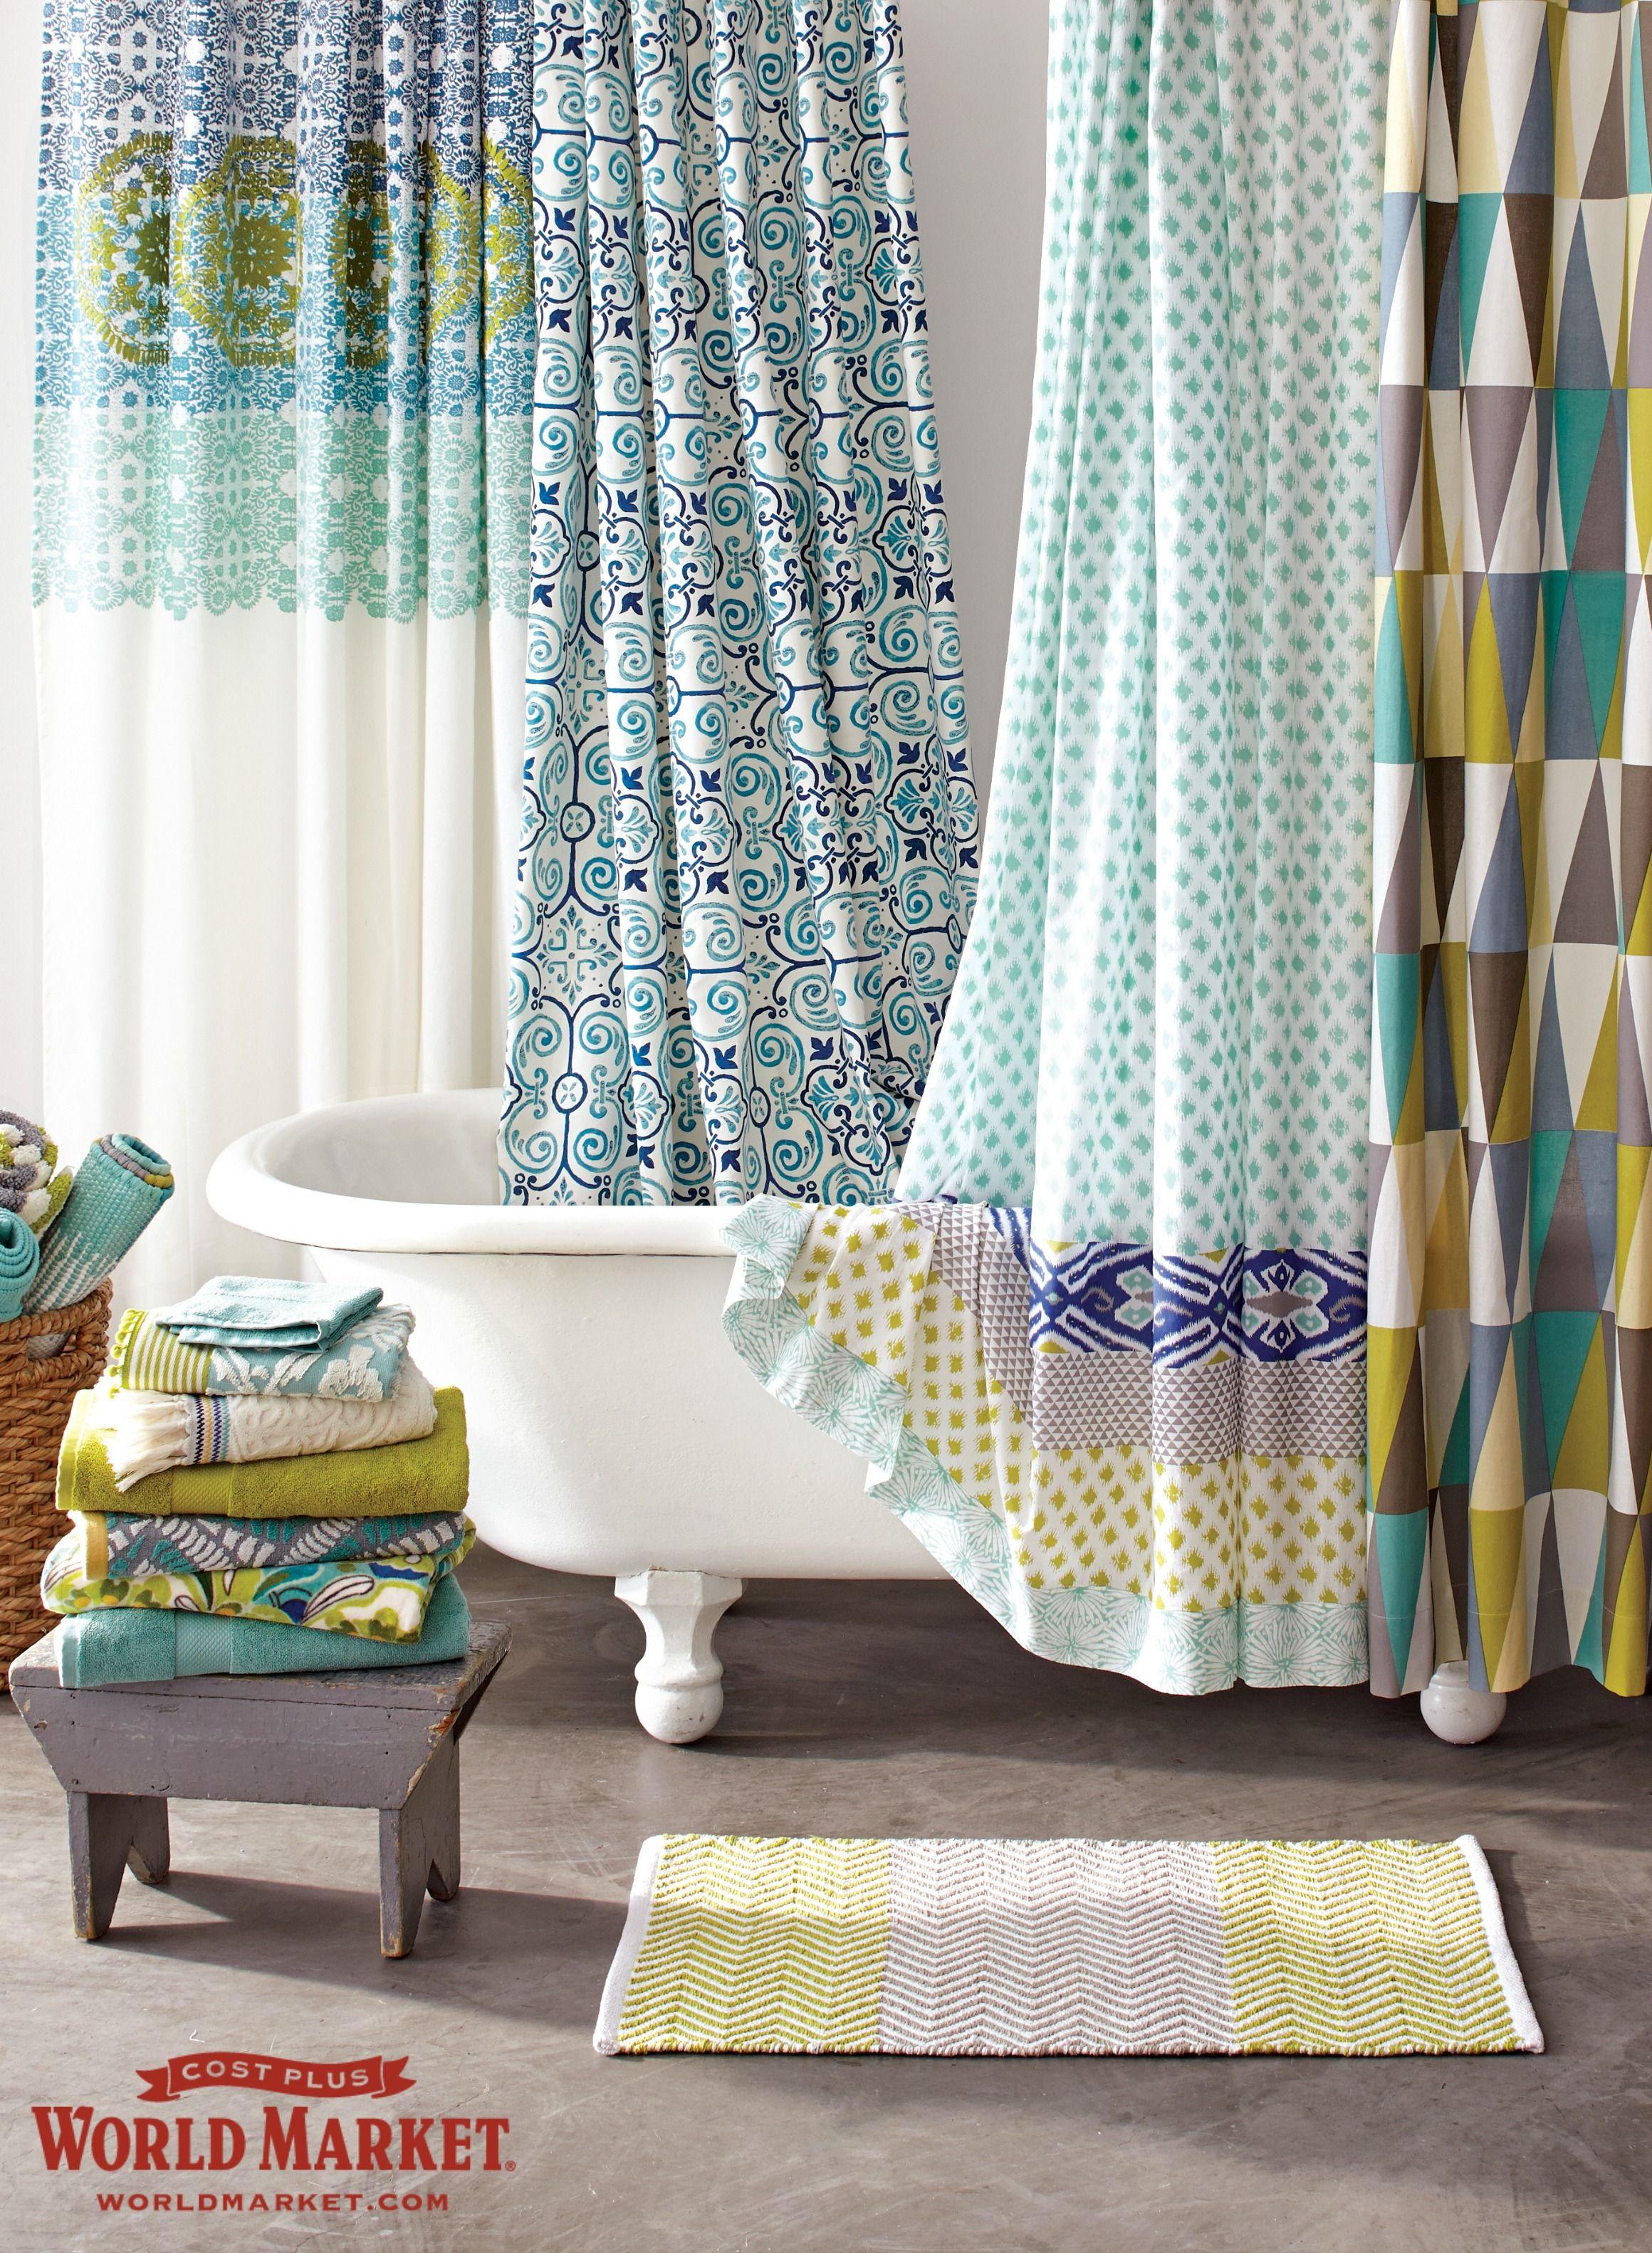 la maison du rideaux site pour la maison rideaux douche serviettes with la maison du rideaux. Black Bedroom Furniture Sets. Home Design Ideas